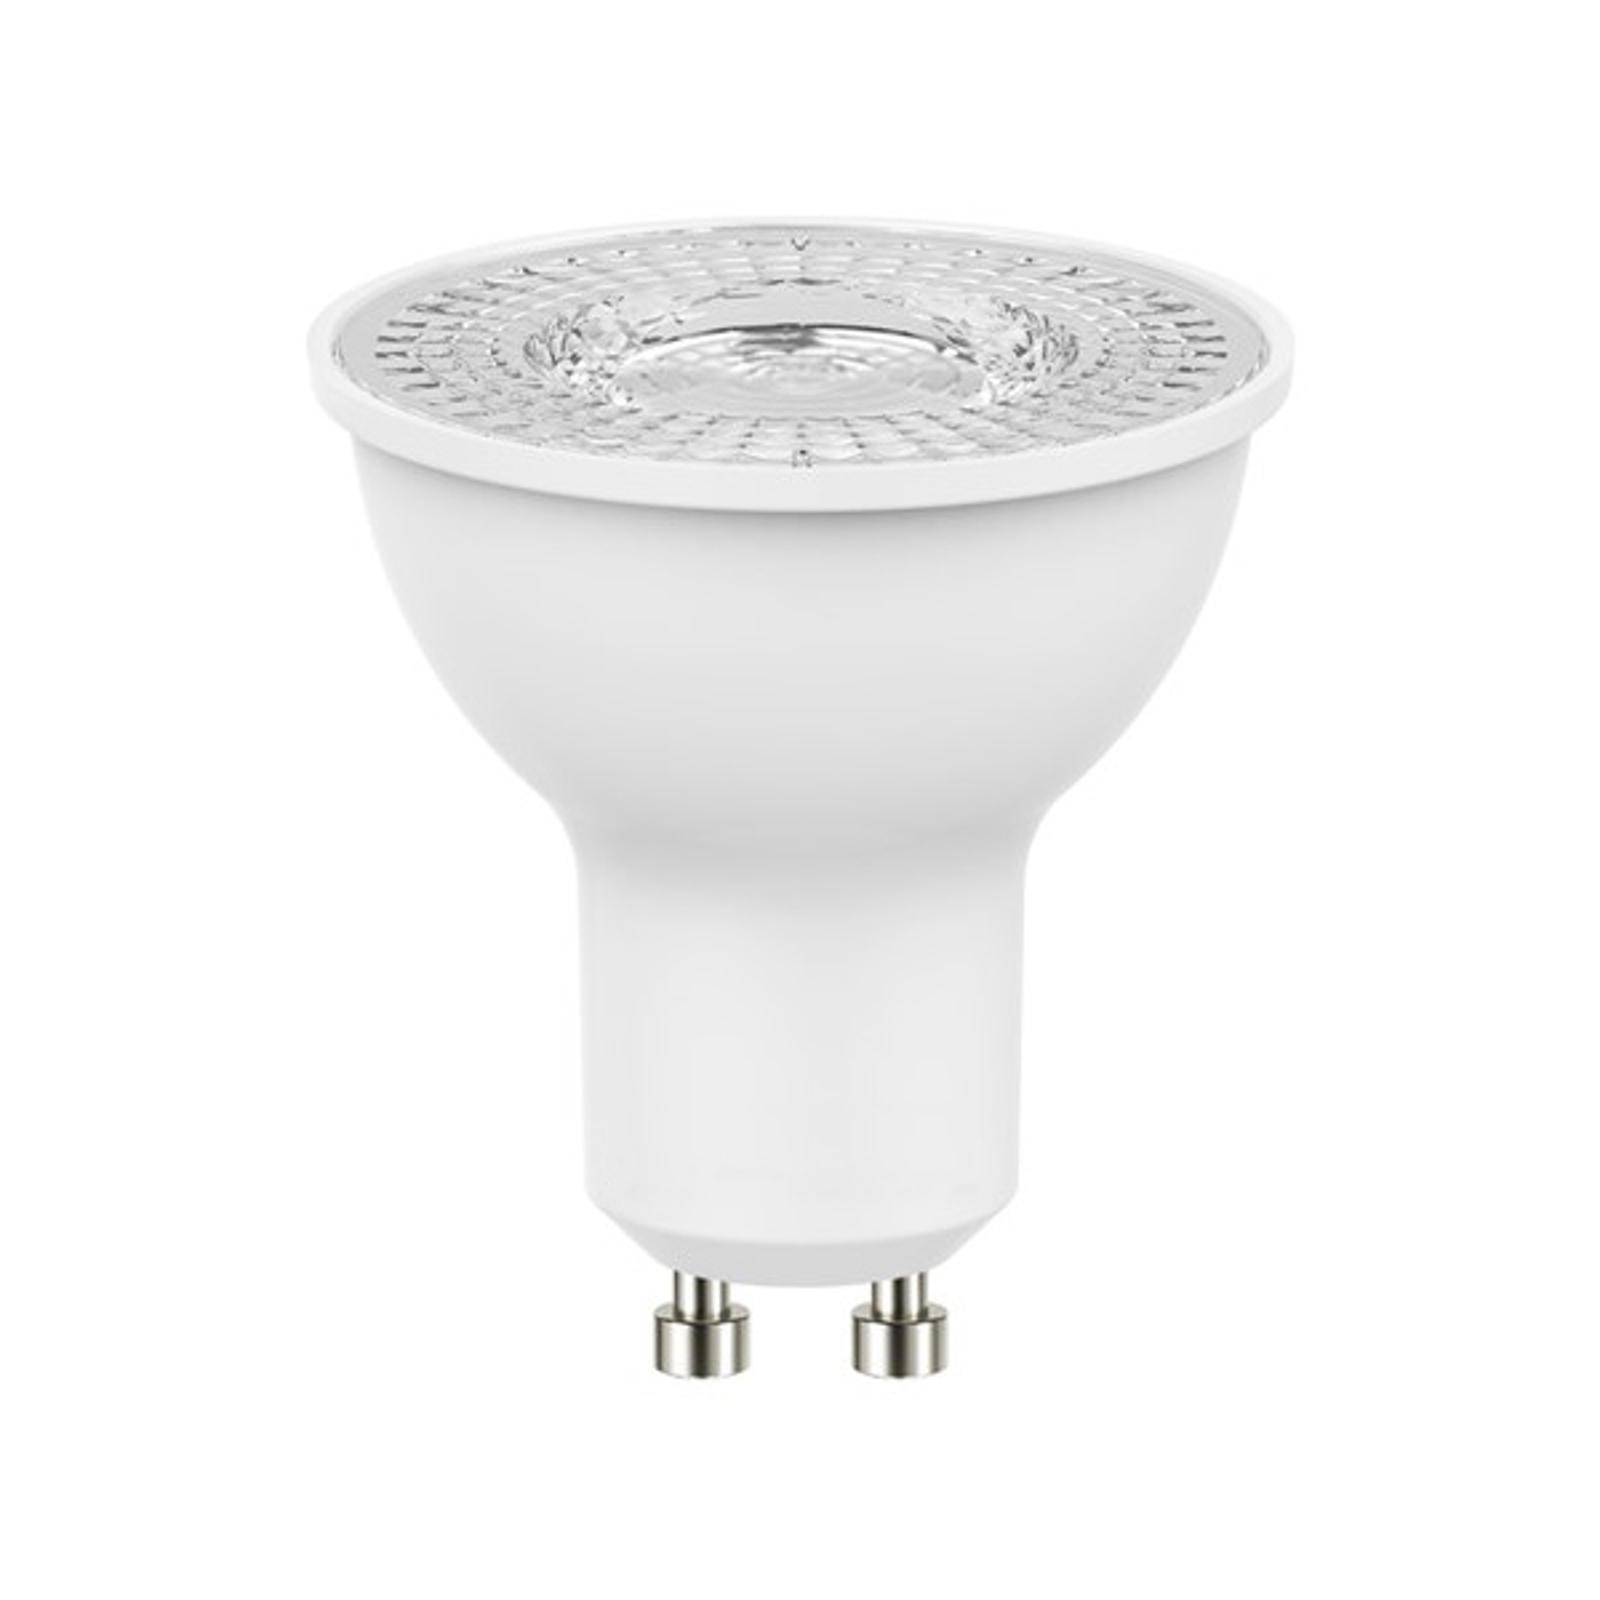 LED-Reflektor GU10 ES50 4,5W 830 110°